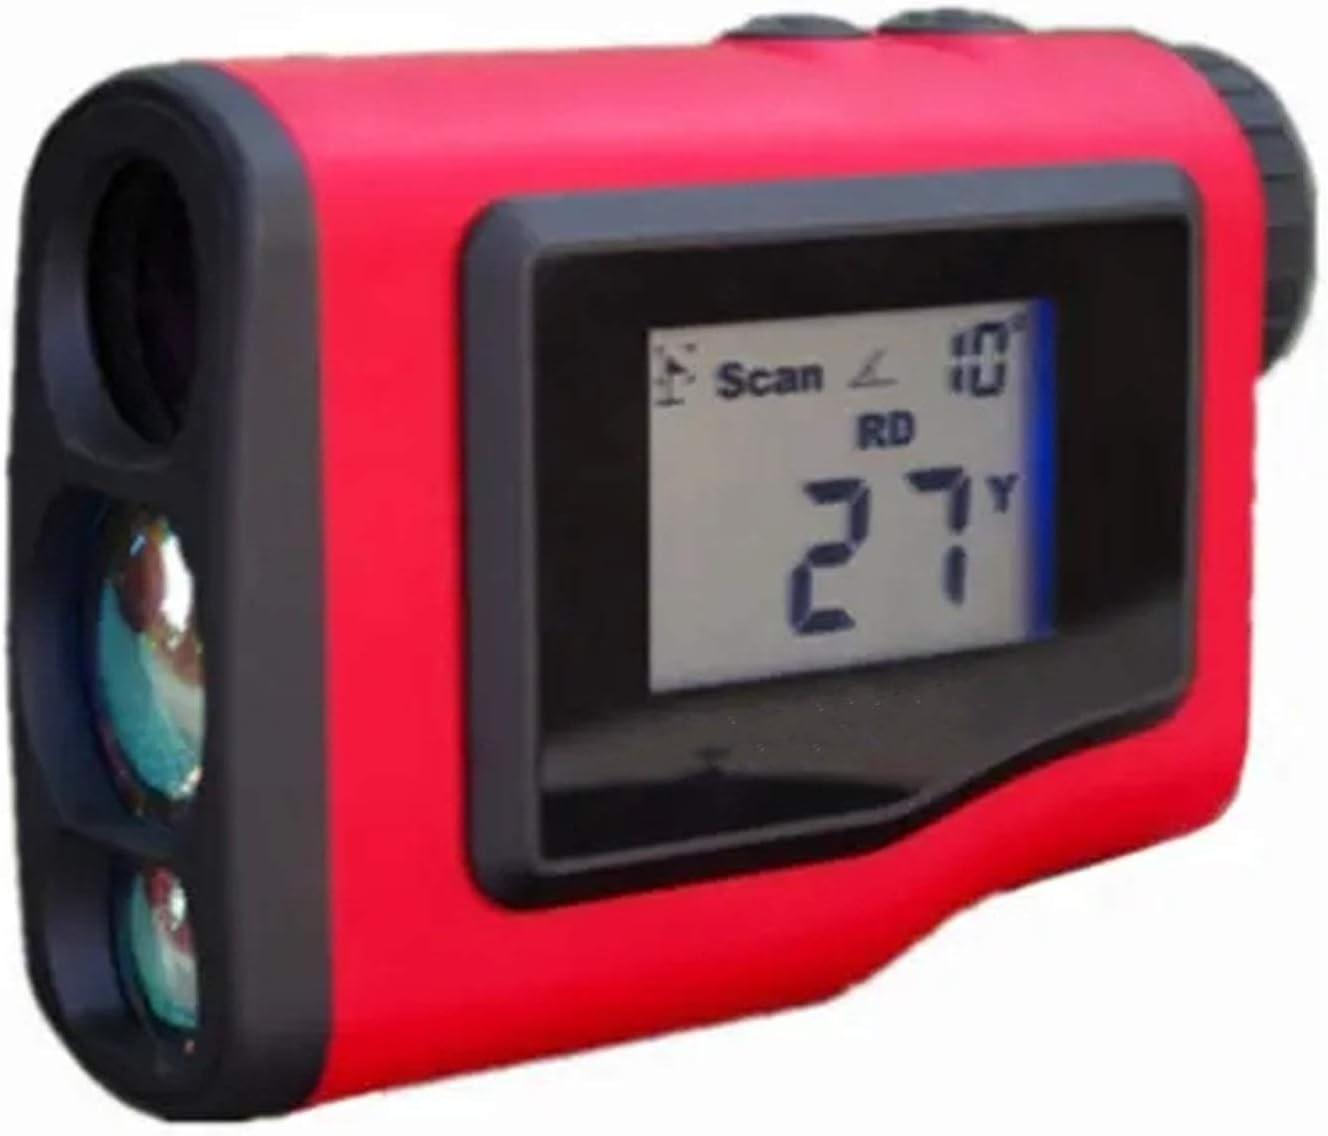 CuteLife Telémetro de Golf LCD Impermeable 600m GRANERA DE Golf CORMA DE GOLFIANDO Ángulo de Golf Distancia Golf Medidor Mensión Monocular Telescopio Caza Gama para la Caza con Arco